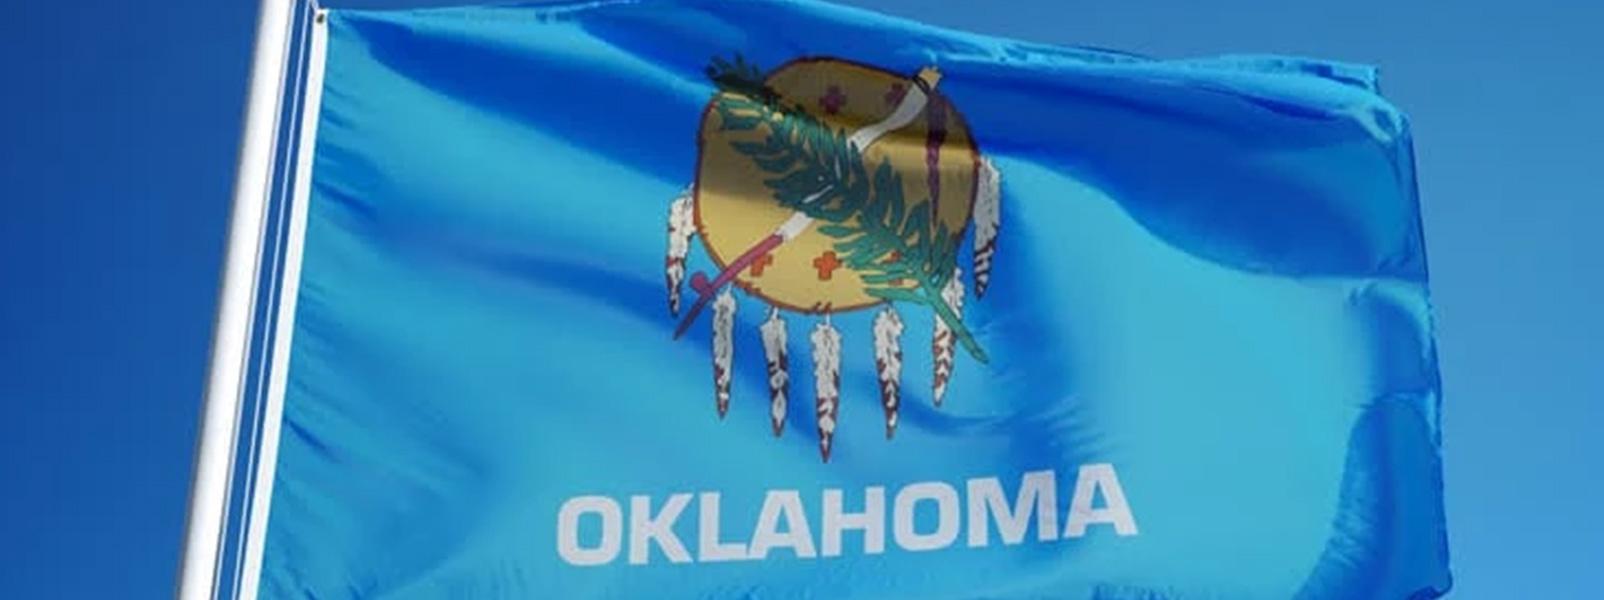 Oklahoma Suppressor Bill Passes a Critical Hurdle